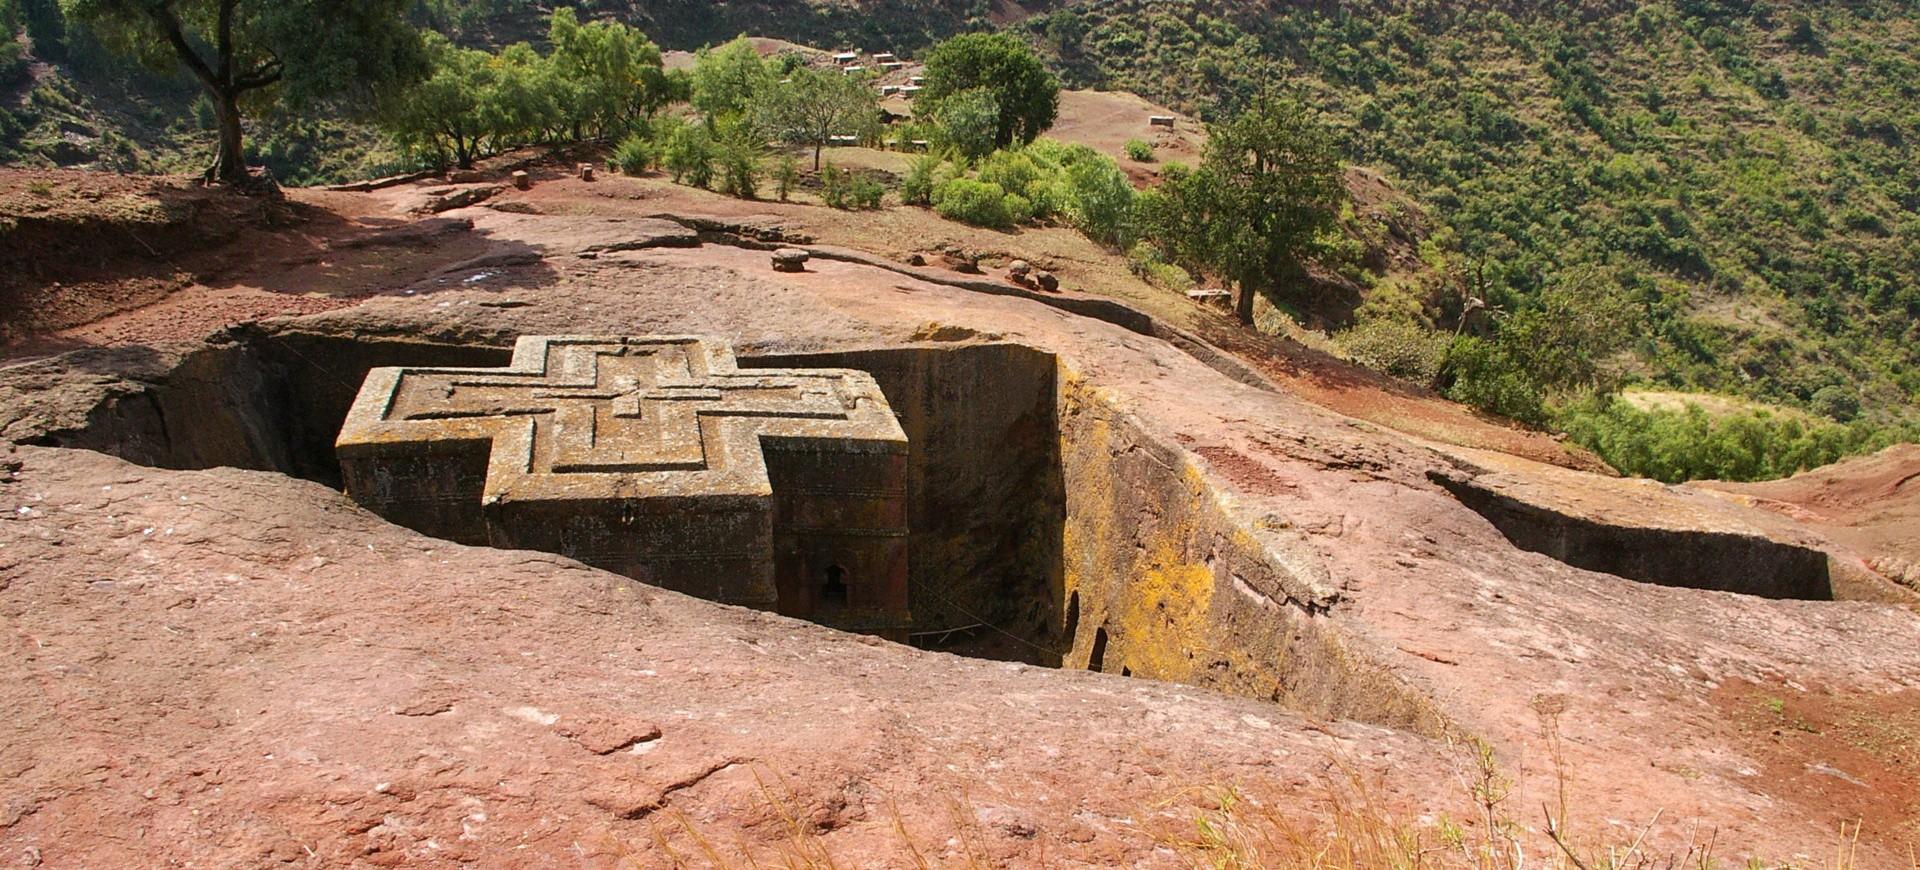 Ethiopie Lalibela Eglise Beta Giorgis